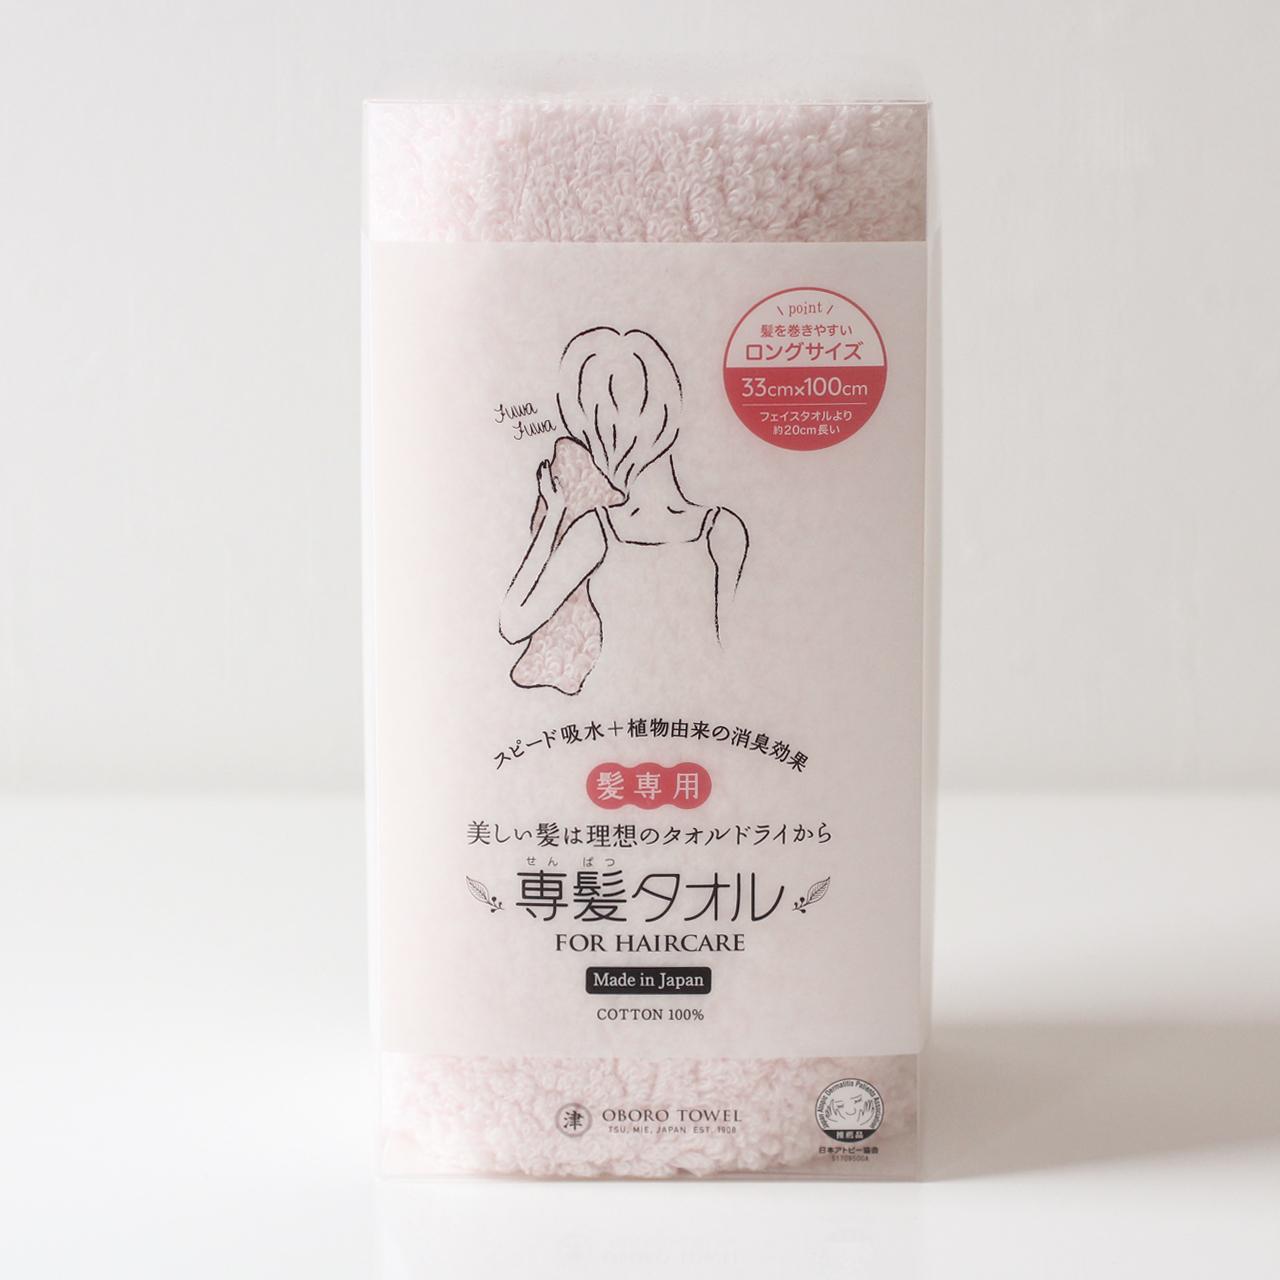 おぼろタオル株式會社 専髪タオル(ピンク)